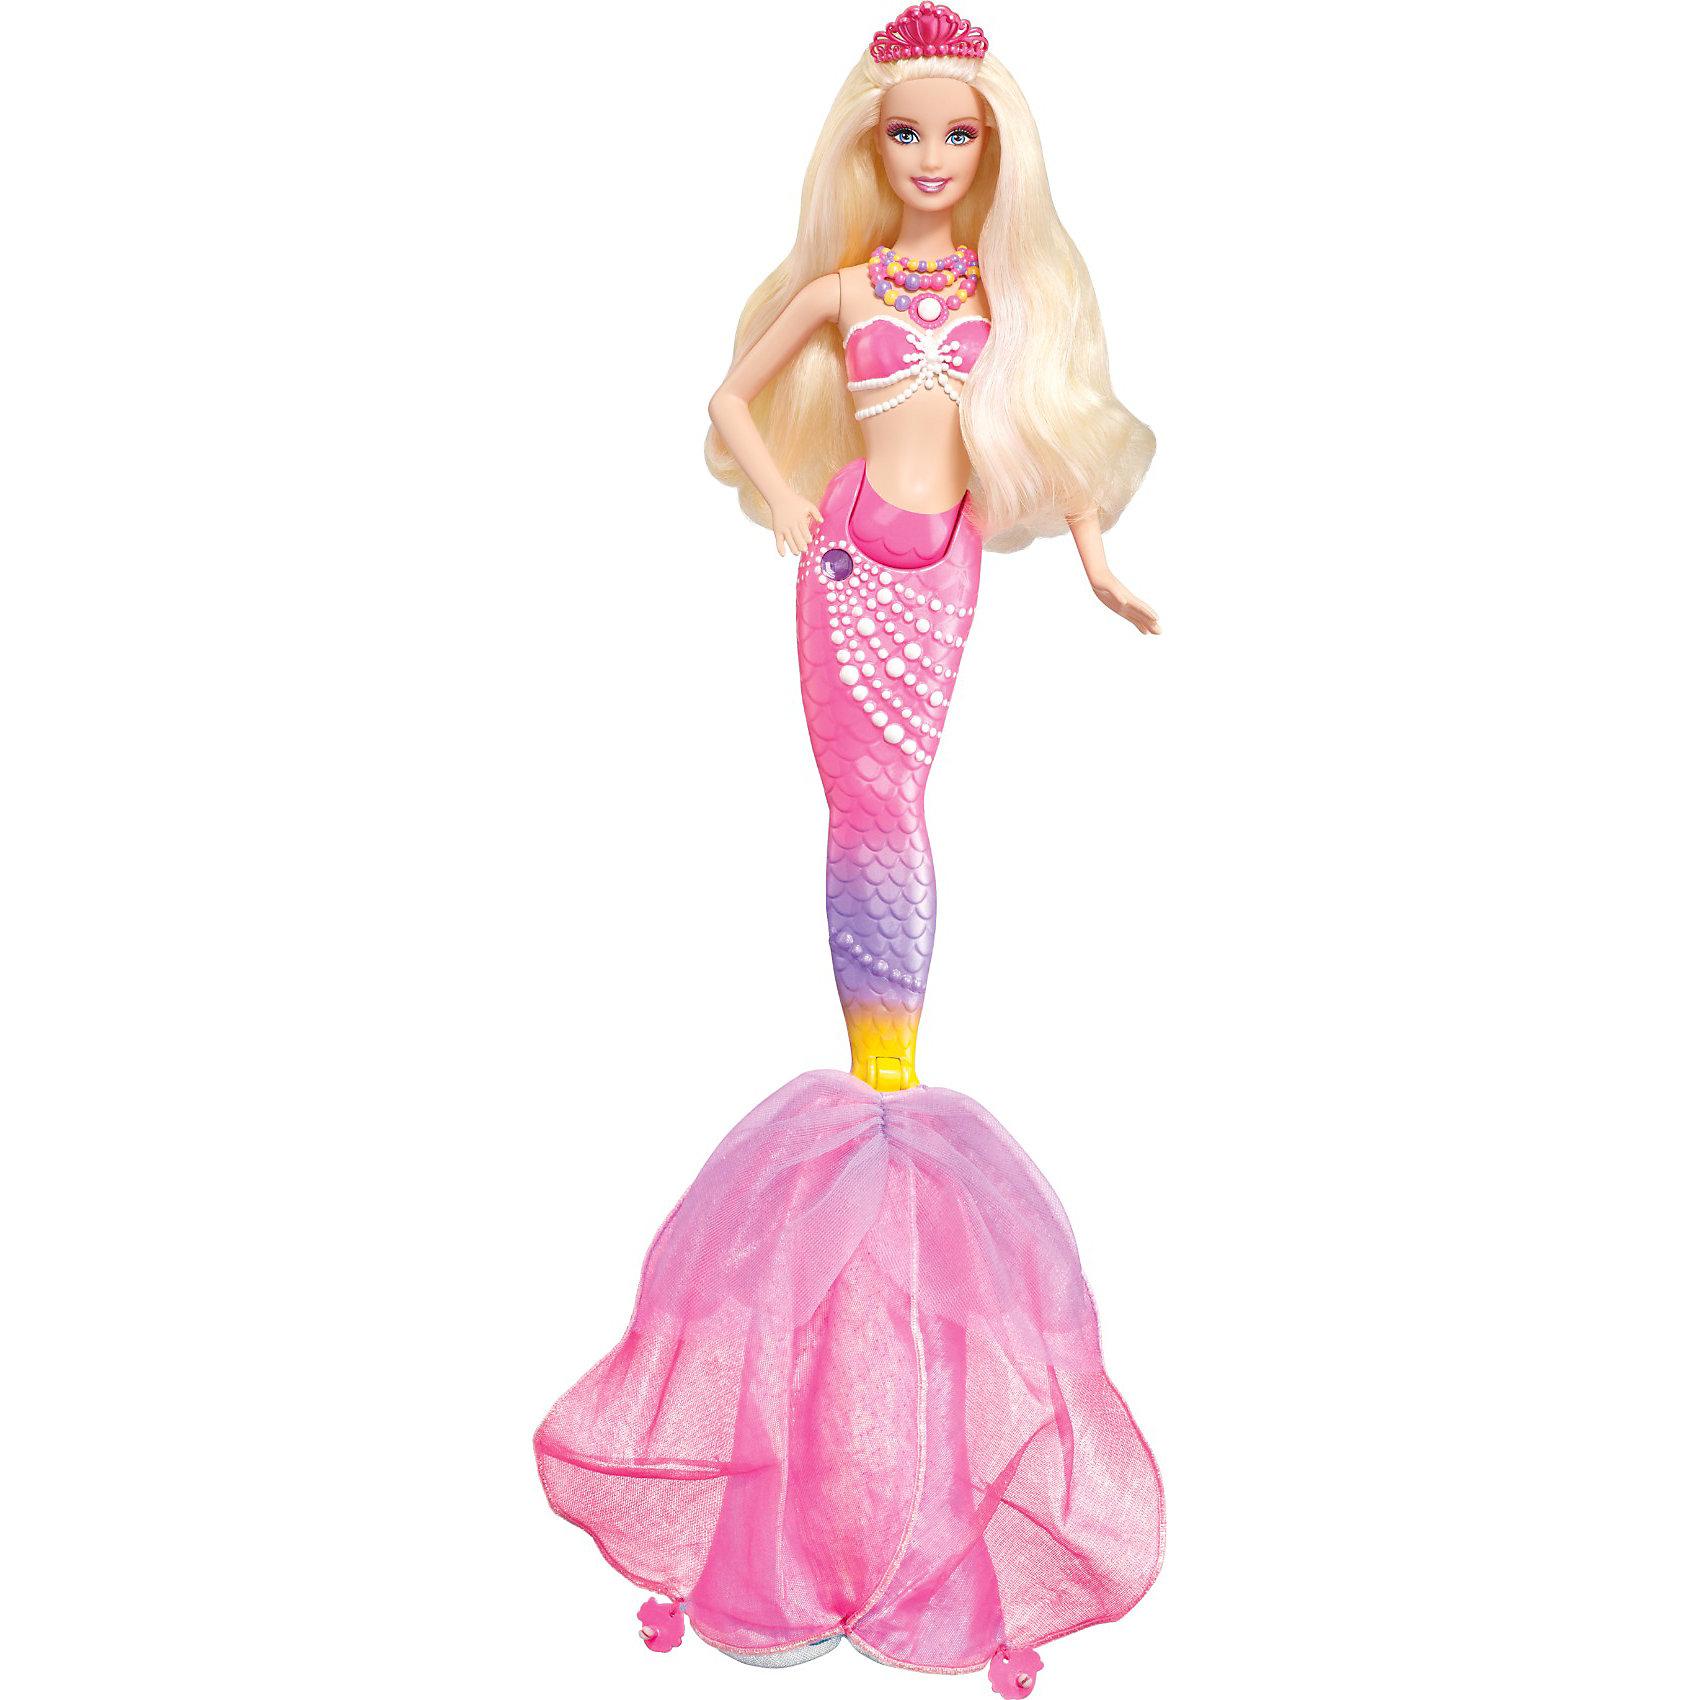 Кукла Русалка с волшебным хвостом и акссуарами из серии Жемчужная принцесса, Barbie